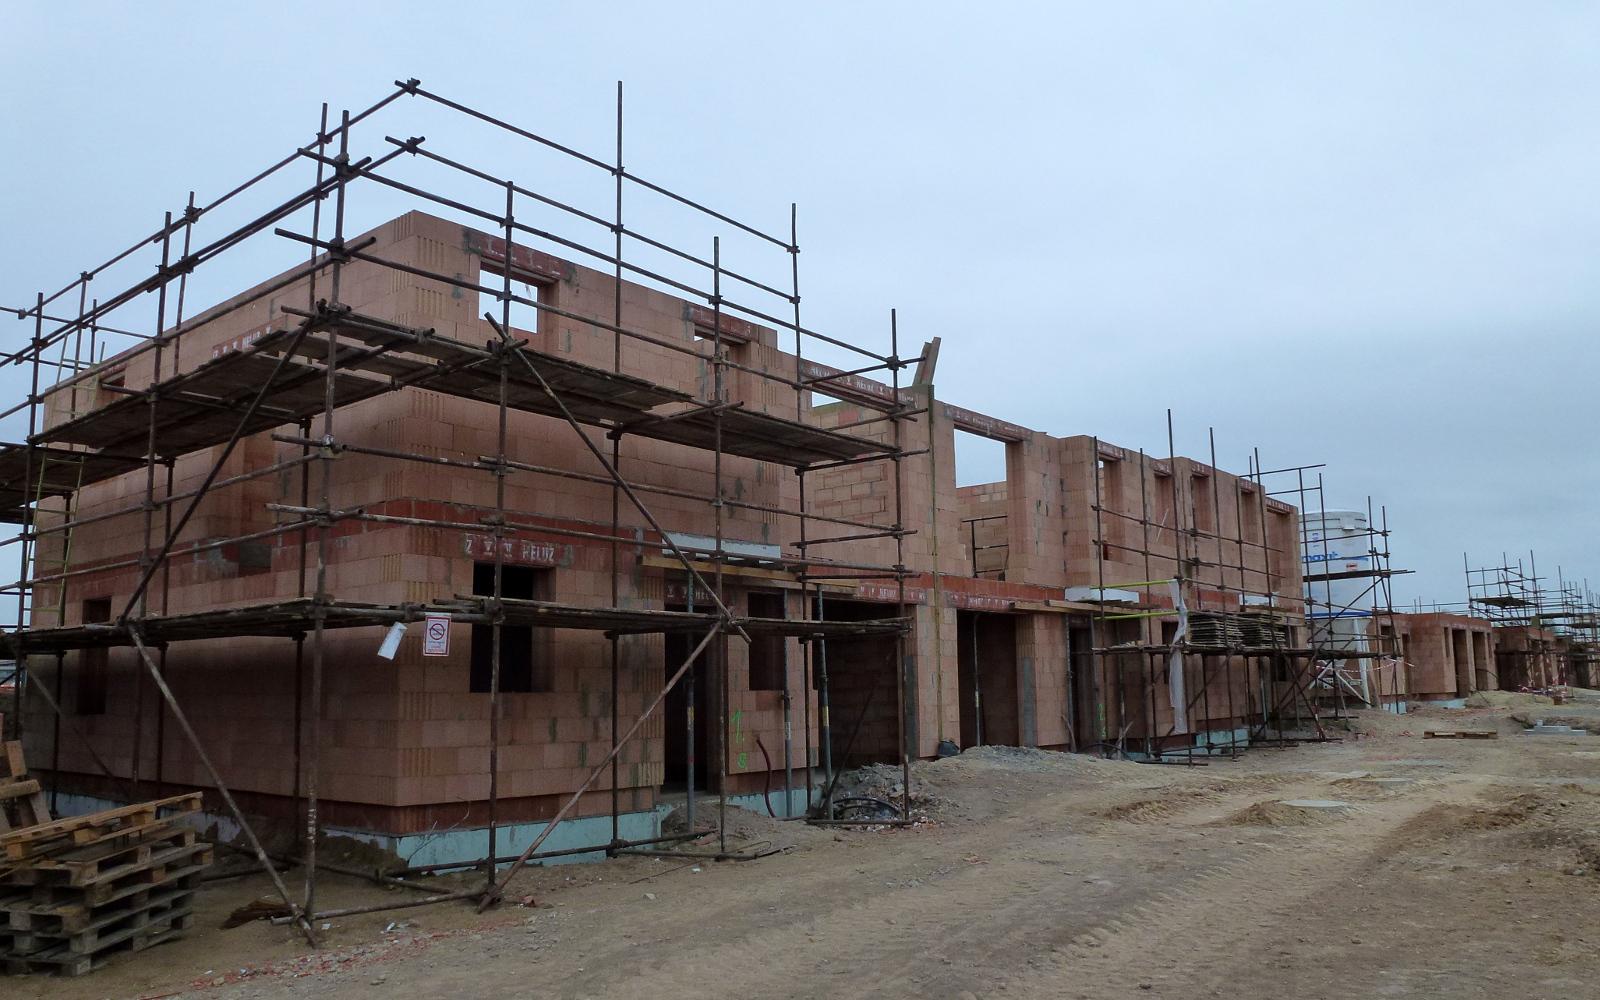 2015-09-07 Všechny tři domy mají vyzděné patro